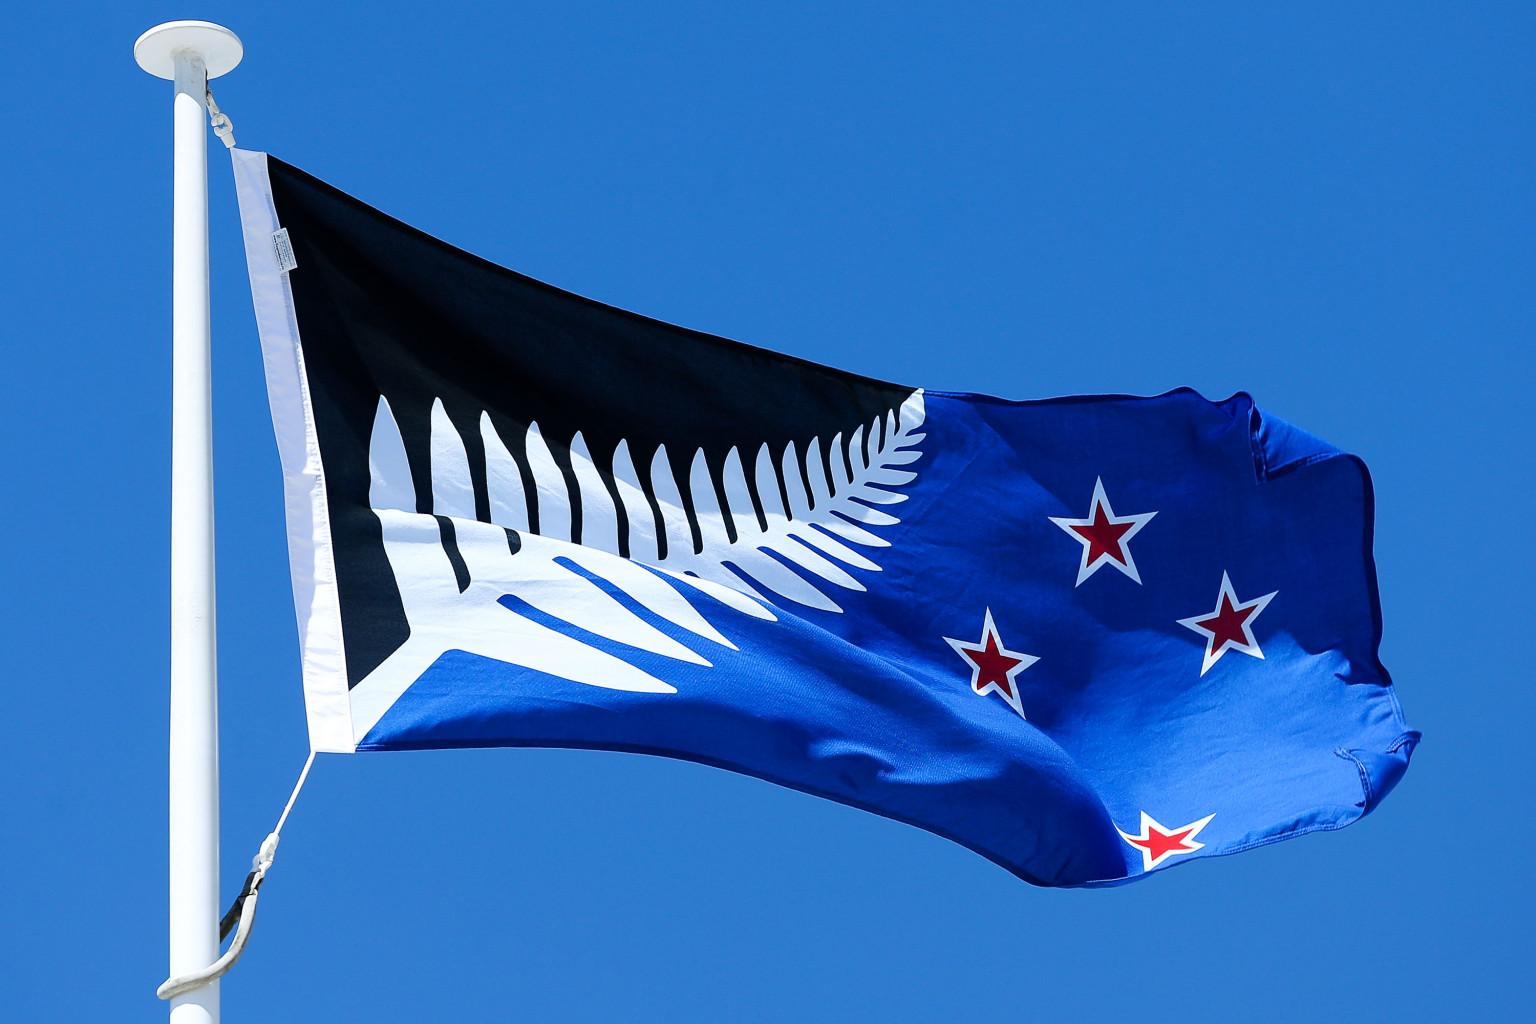 округлые редкие флаги картинки посадили меня